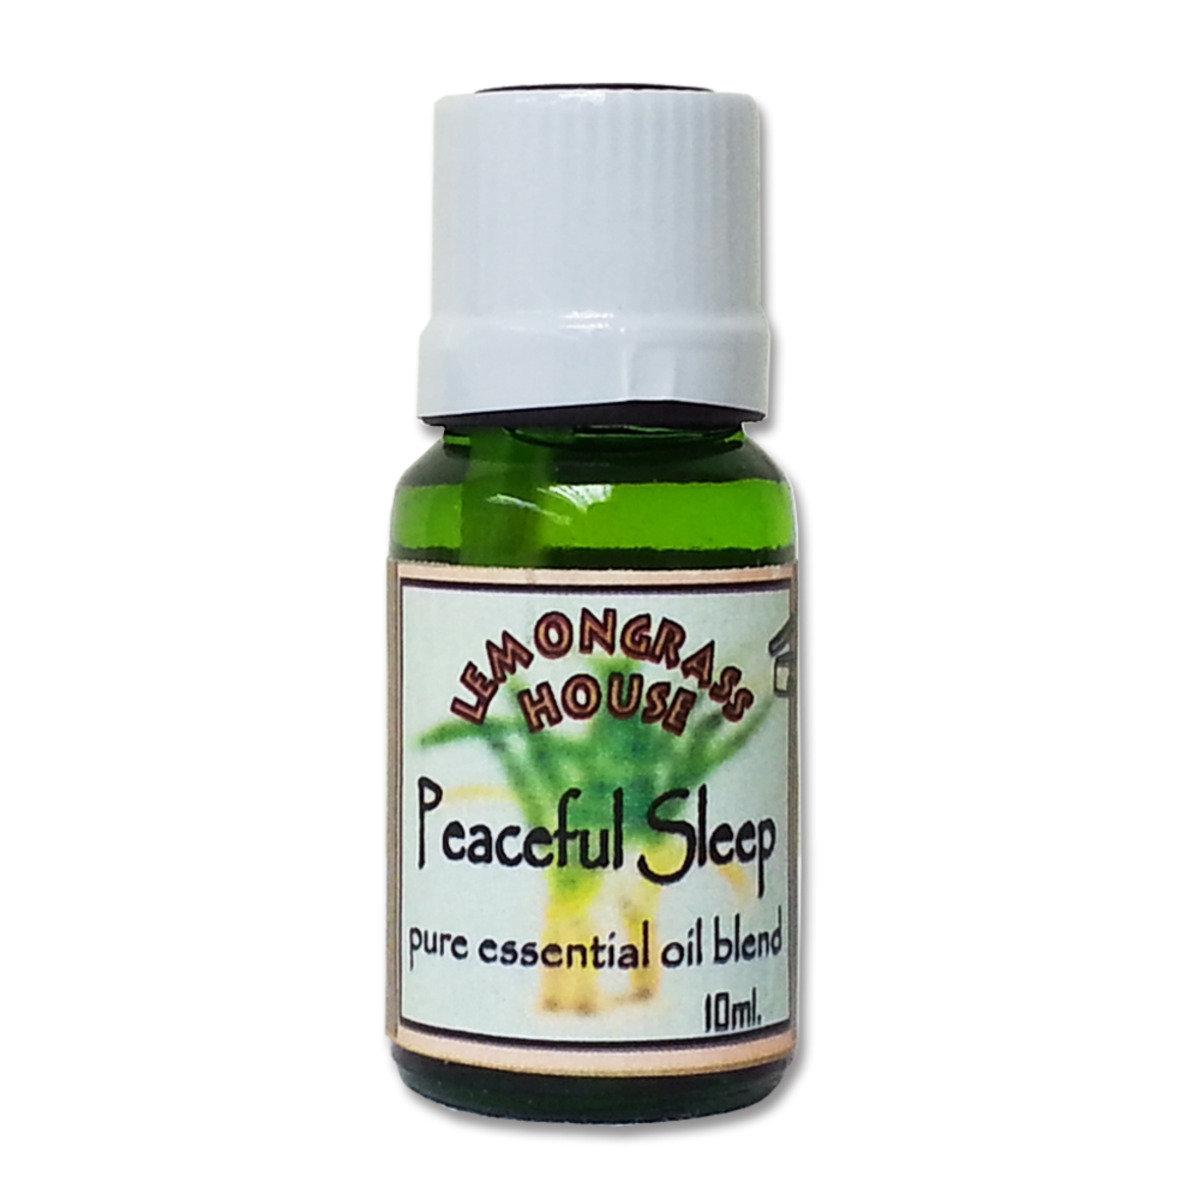 天然香薰精油 10ML - 安睡 (混合薰衣草,青檸及柑桔精油)